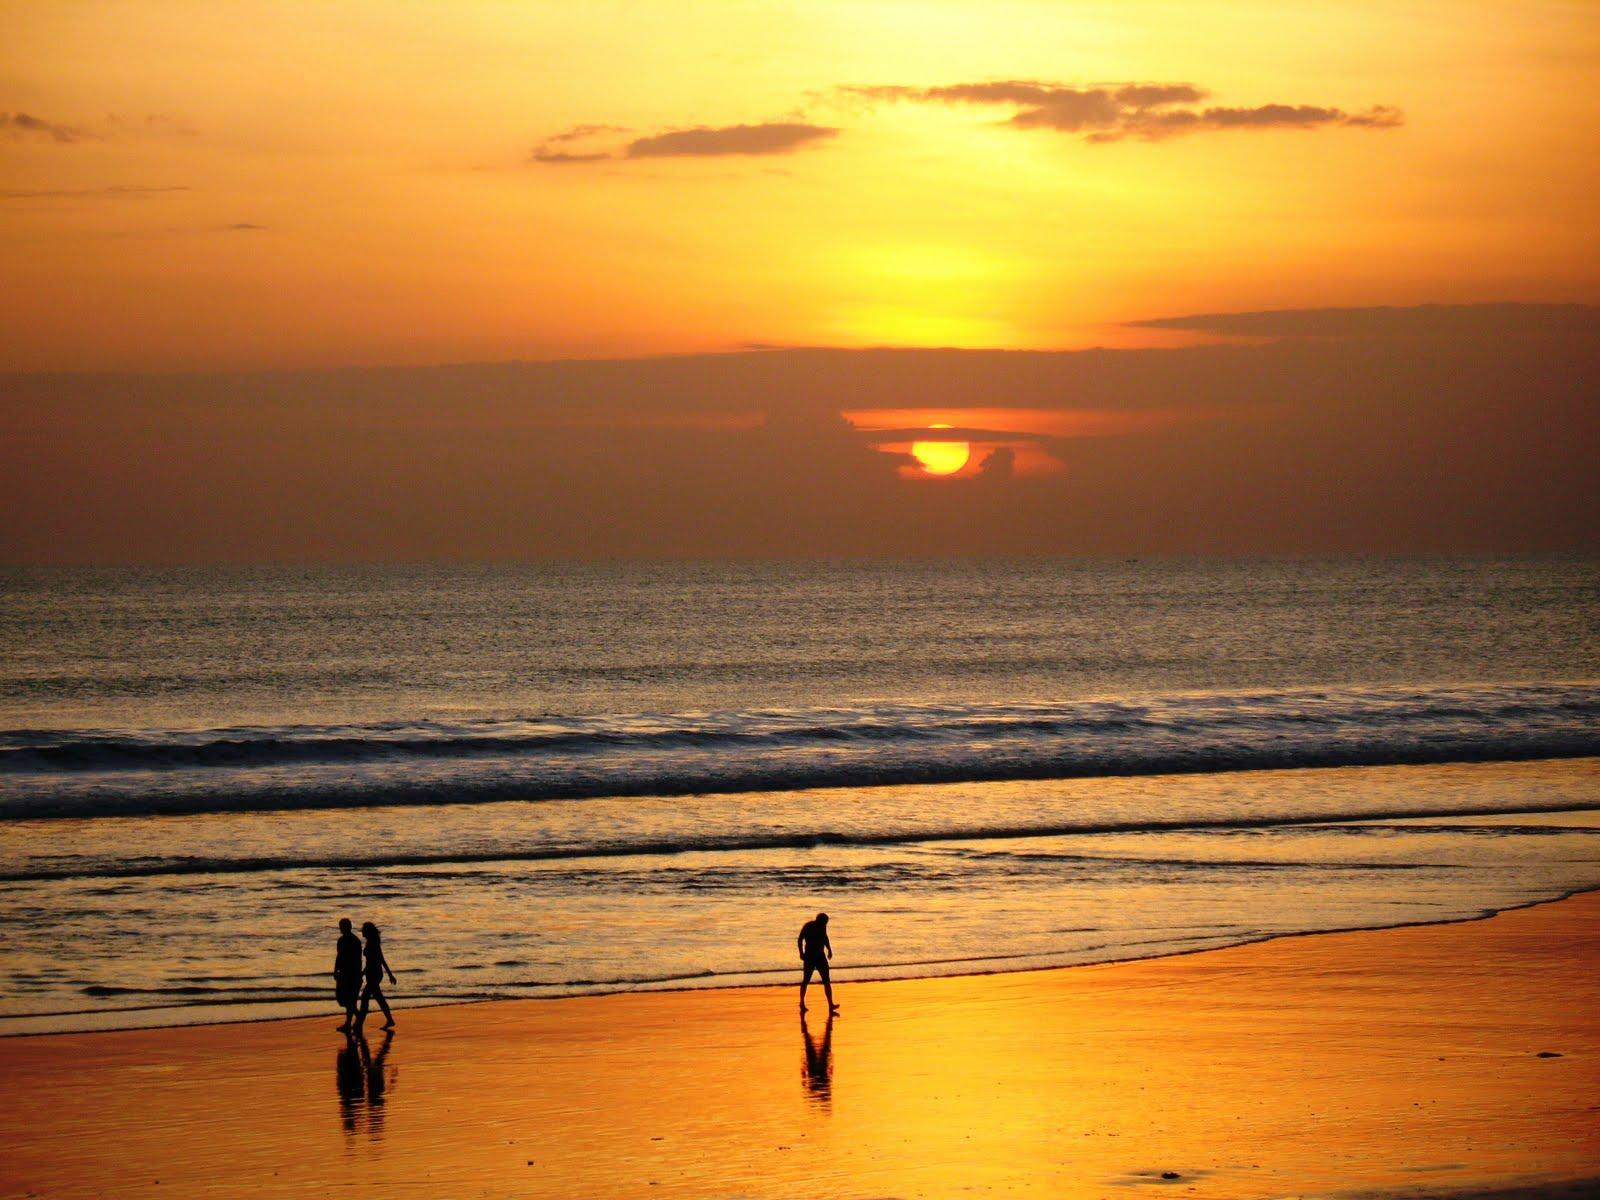 Objek Tempat Wisata Tour Dan Informasi Bali Pemandangan